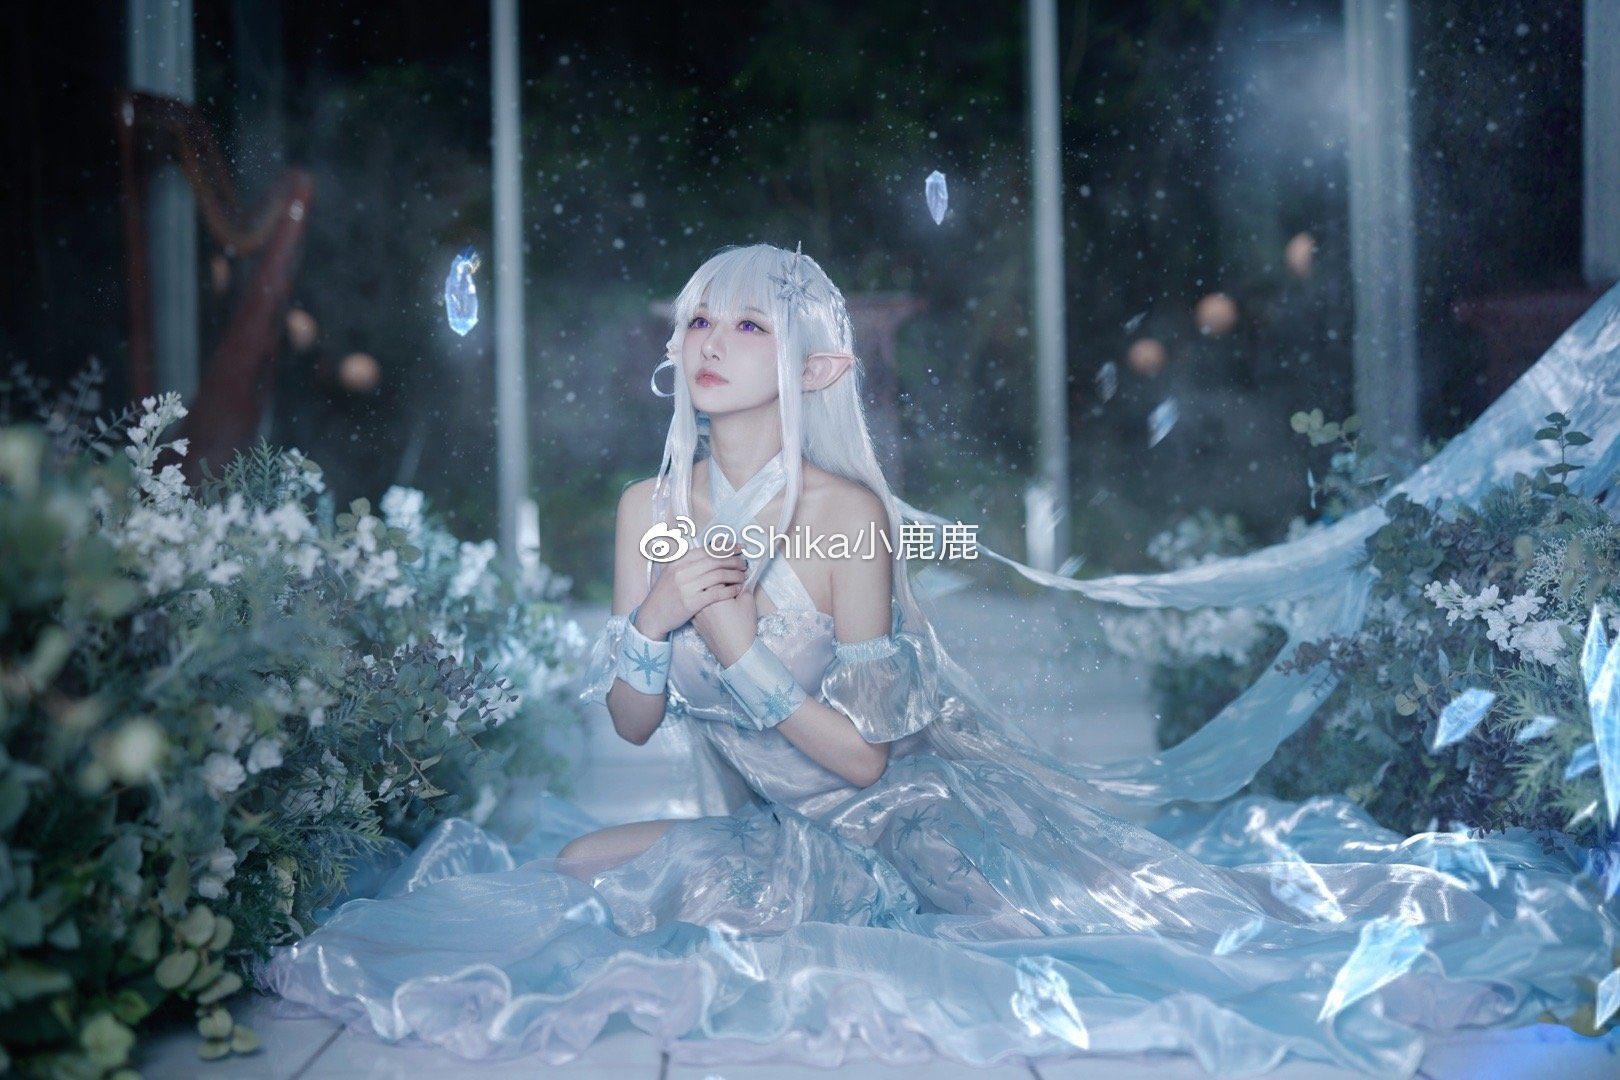 画像,いつかこの雪も止むなら傷付く覚悟と君の言葉握るエミリア:@Shika42516408 PHX:@Osefly THX:@KAPI_827MP @Mingyinc…